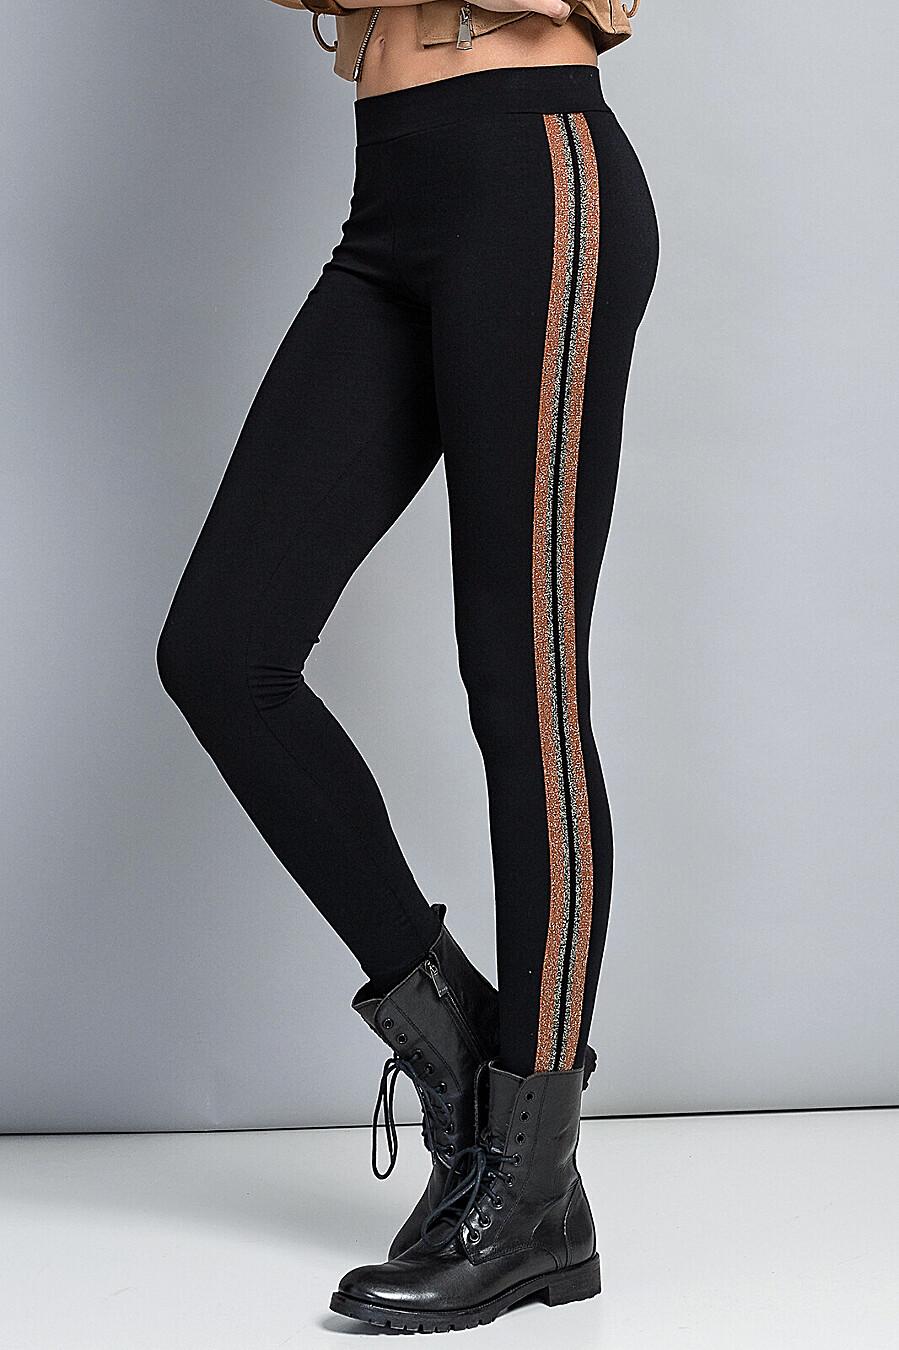 Легинсы для женщин JADEA 157152 купить оптом от производителя. Совместная покупка женской одежды в OptMoyo